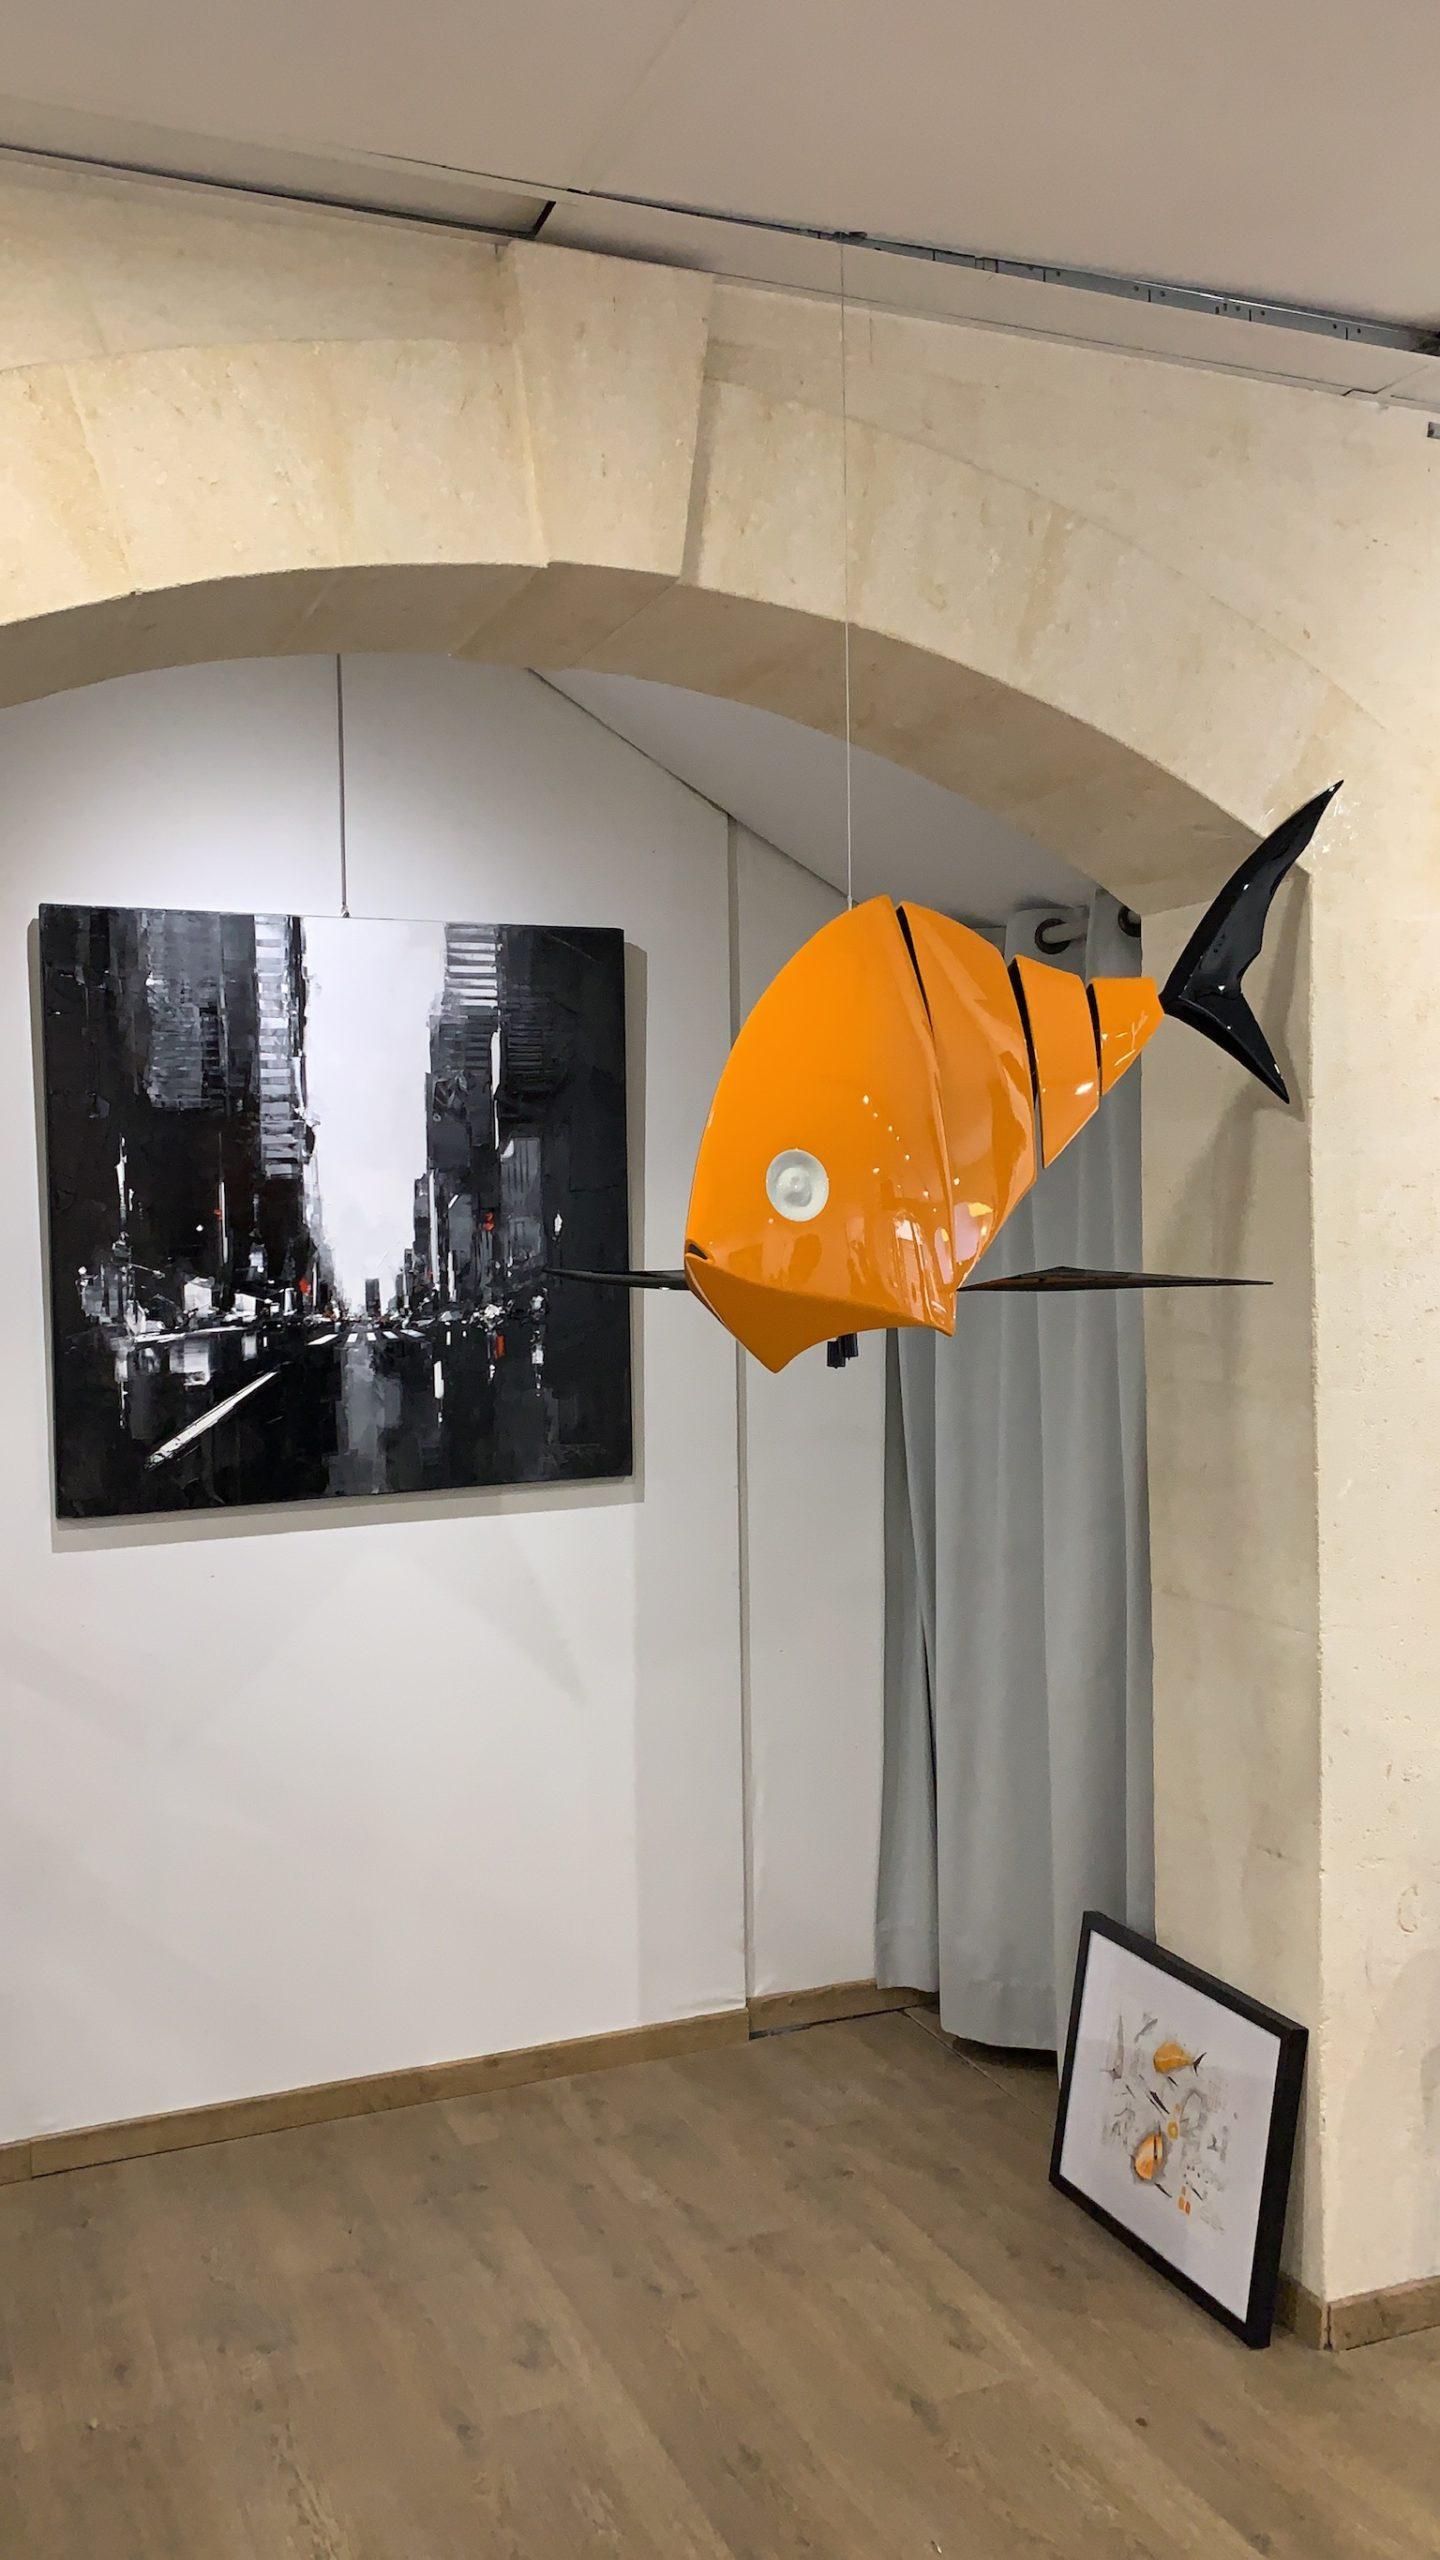 Aero Fish kevlaar